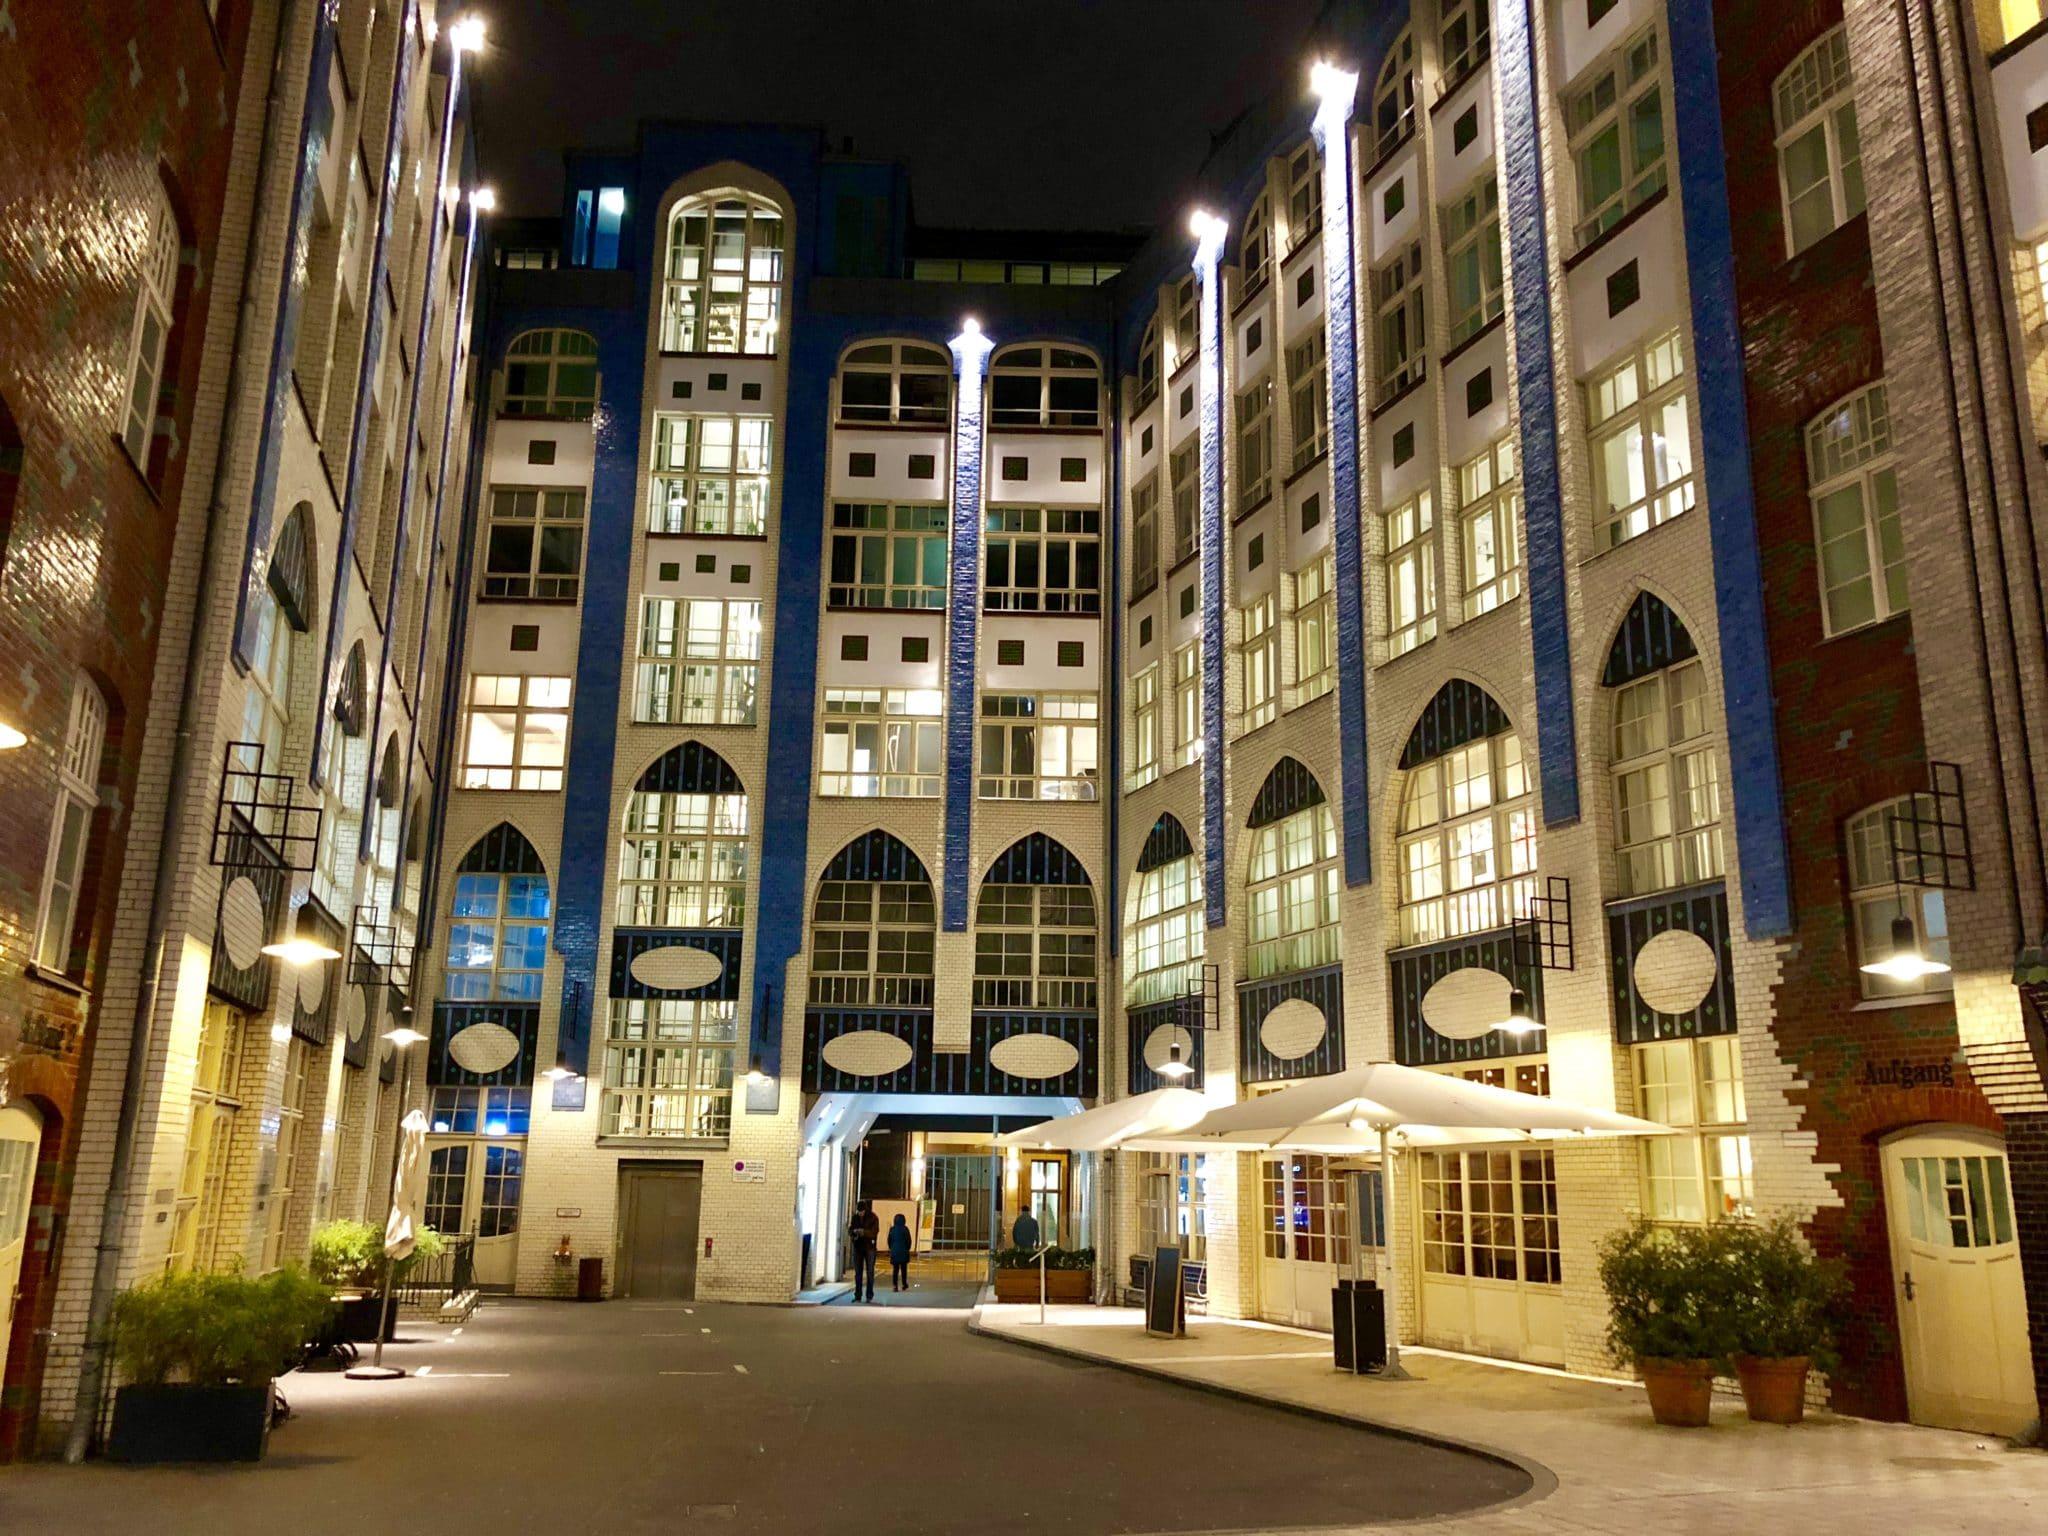 Коммерческая или жилая недвижимость в Германии